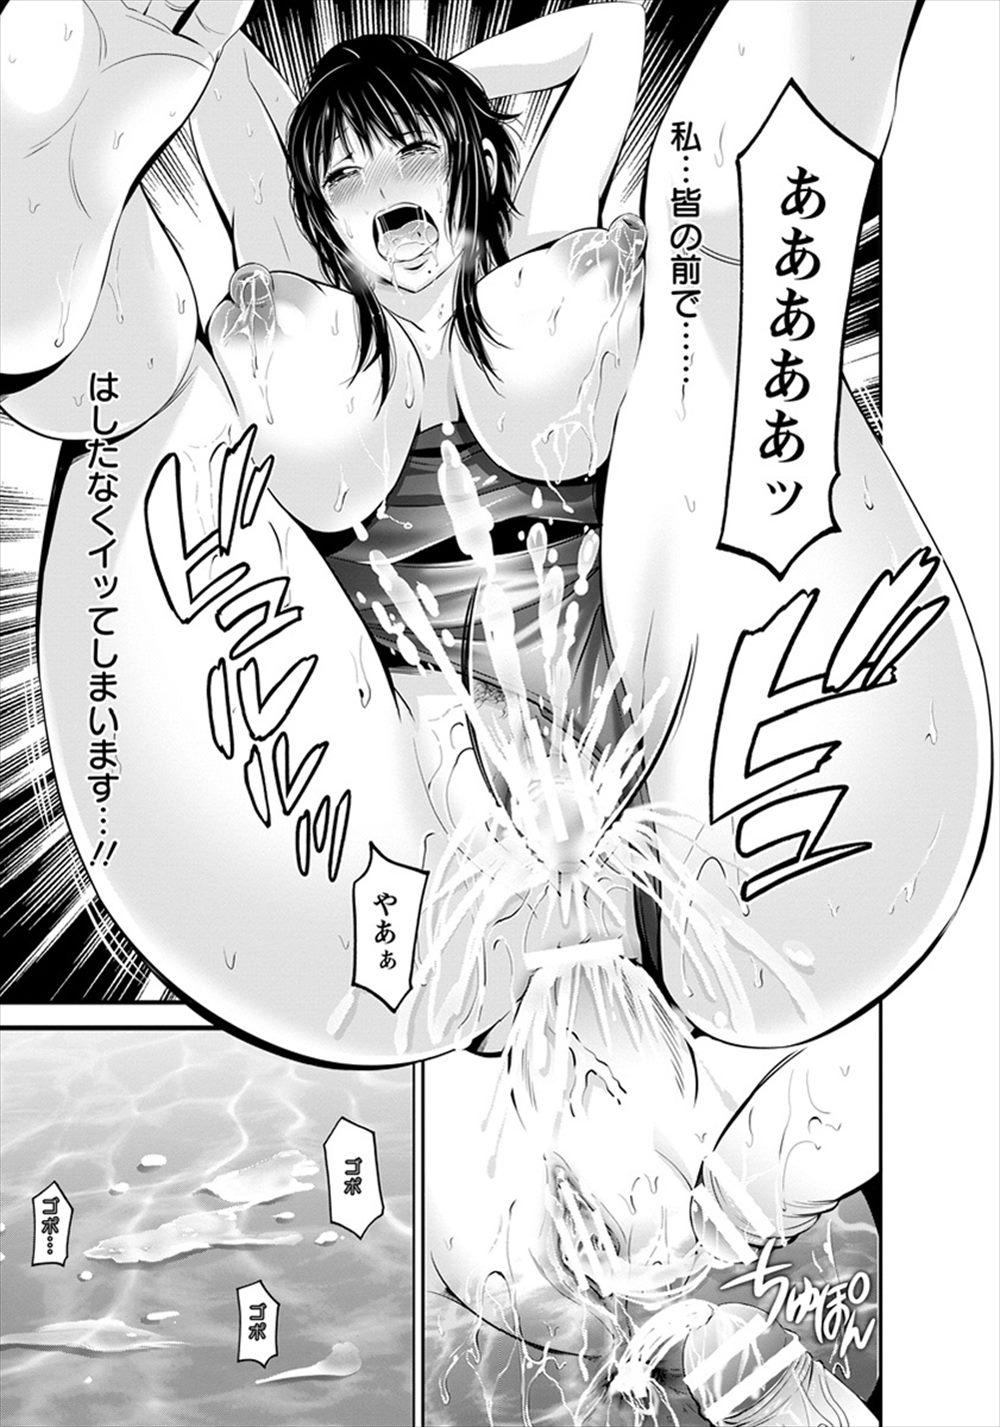 【エロ漫画】むちむち先生のボディに我慢できない…!ショタが襲いかかって水着ハメエッチしちゃうwww【あきは@:母乳コーチ2穴指導】